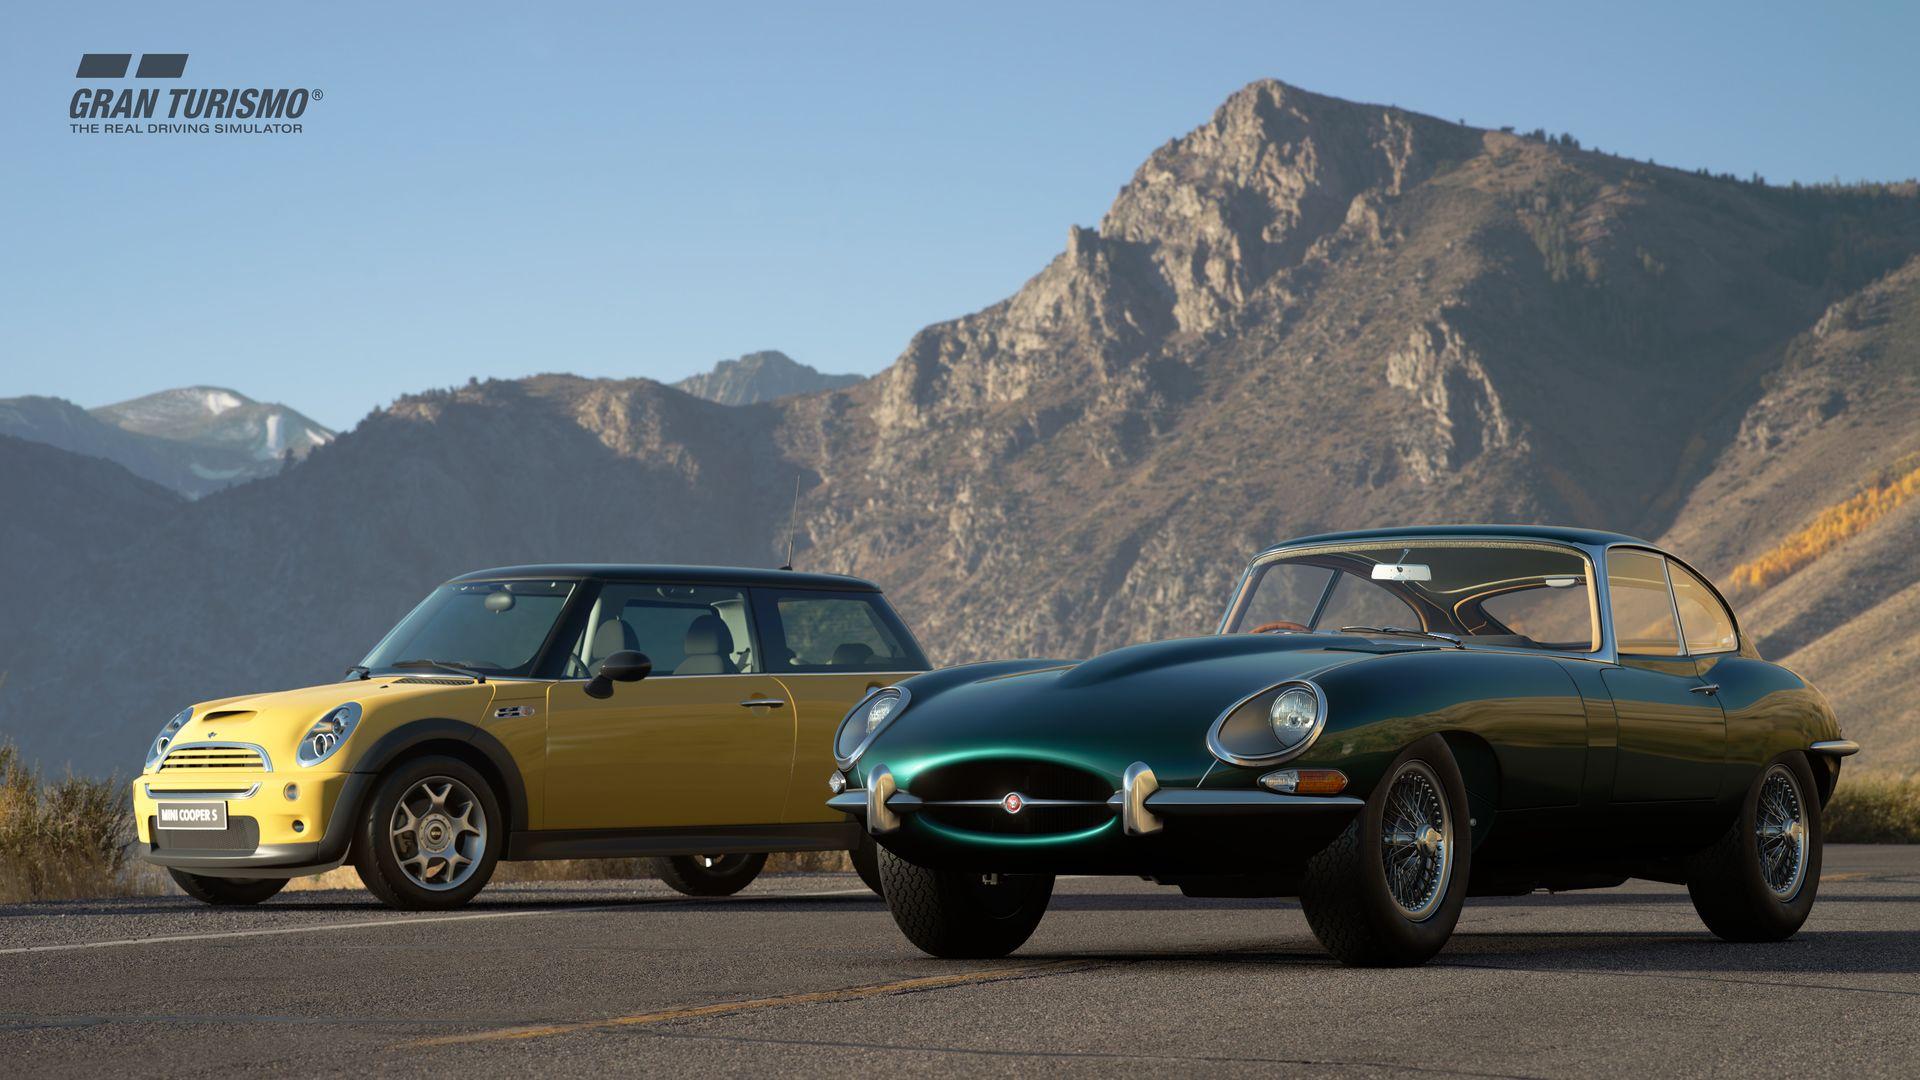 「憧れのイタリアンスーパーカー」、「SUPER GT 2008」、「新旧ブリティッシュスポーツ」などをテーマとした全9種が登場